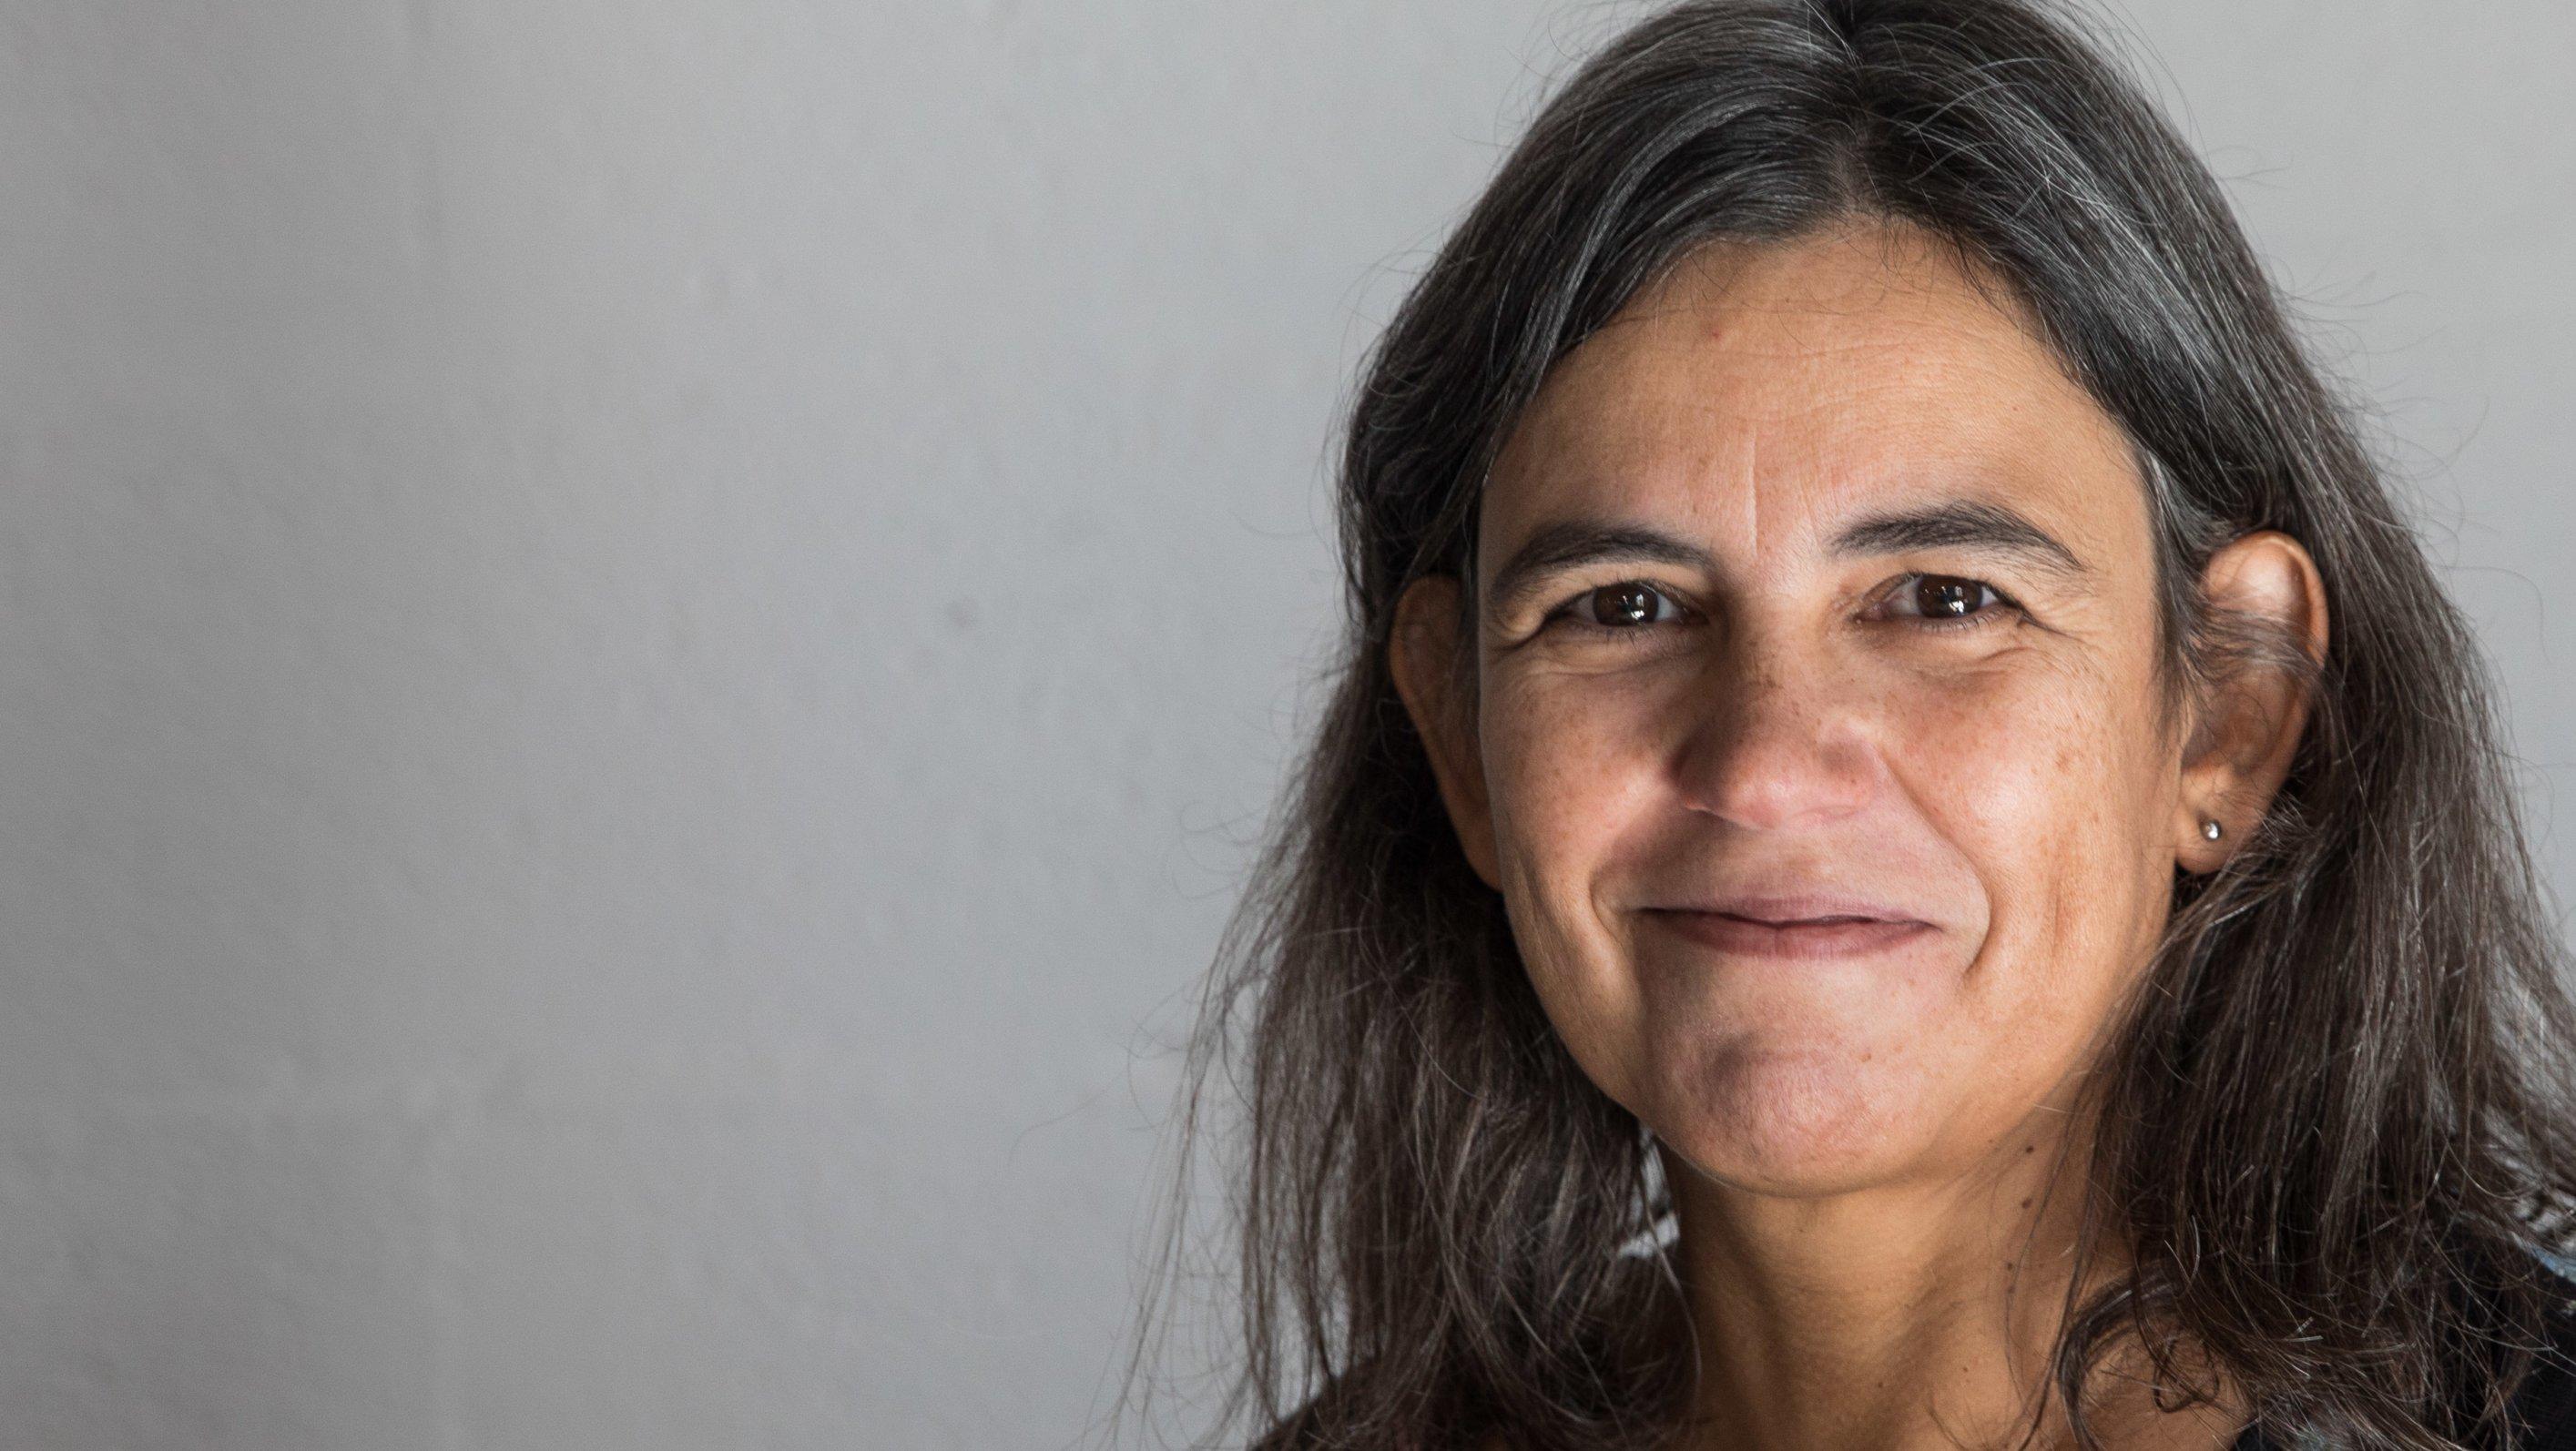 Alexandre Machado, editora de economia do Observador